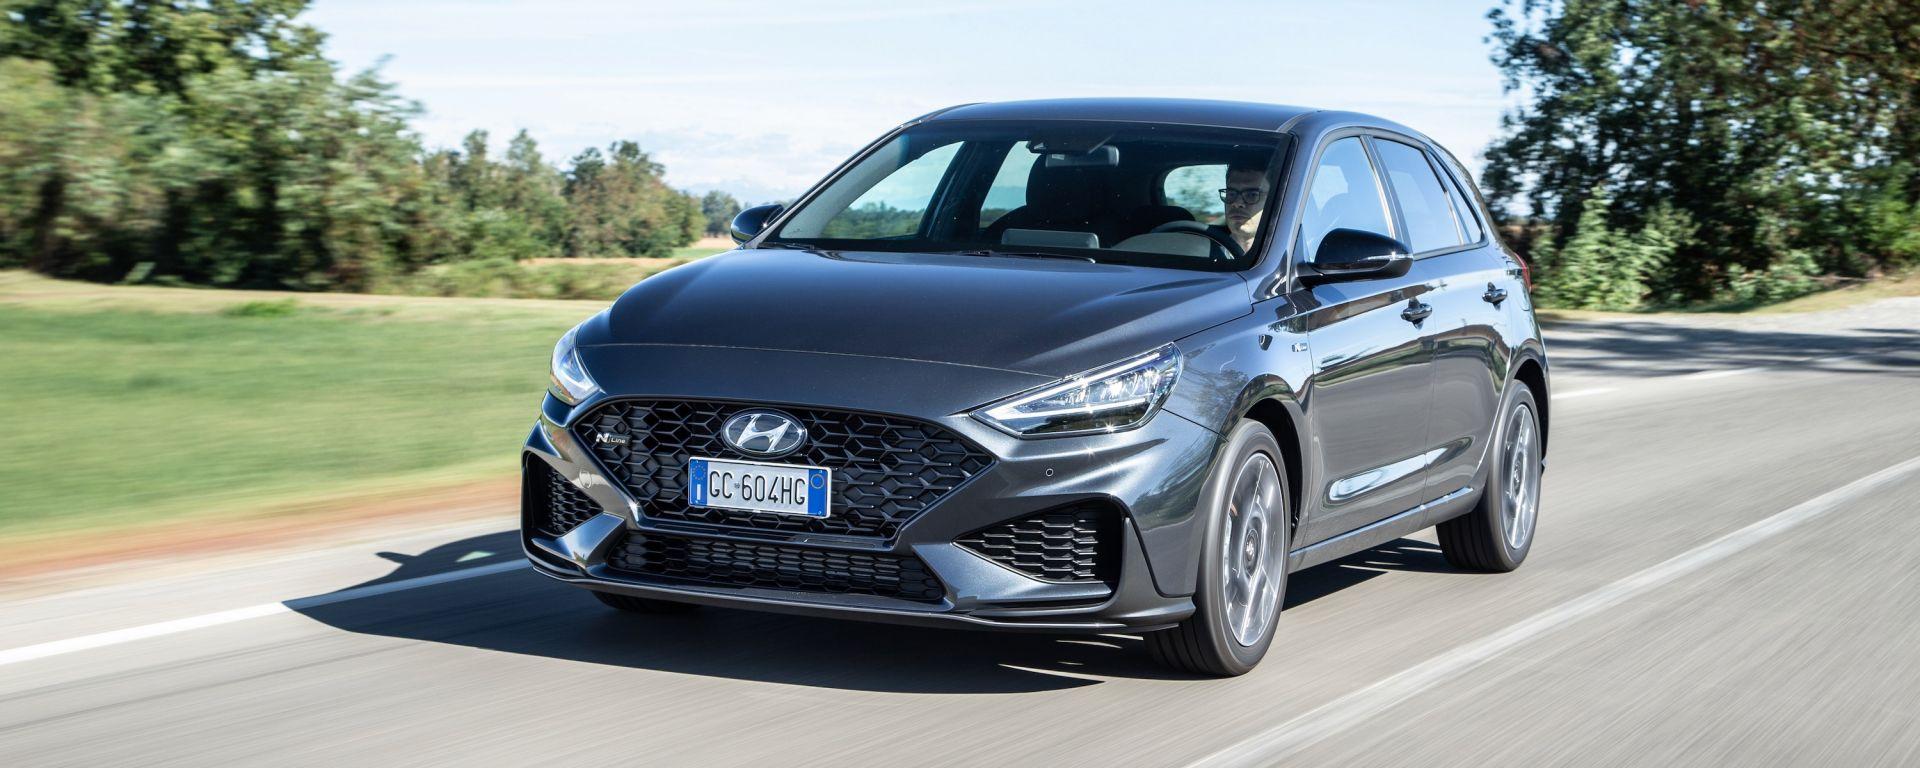 Nuova Hyundai i30: più affilata e tecnologica. La prova video